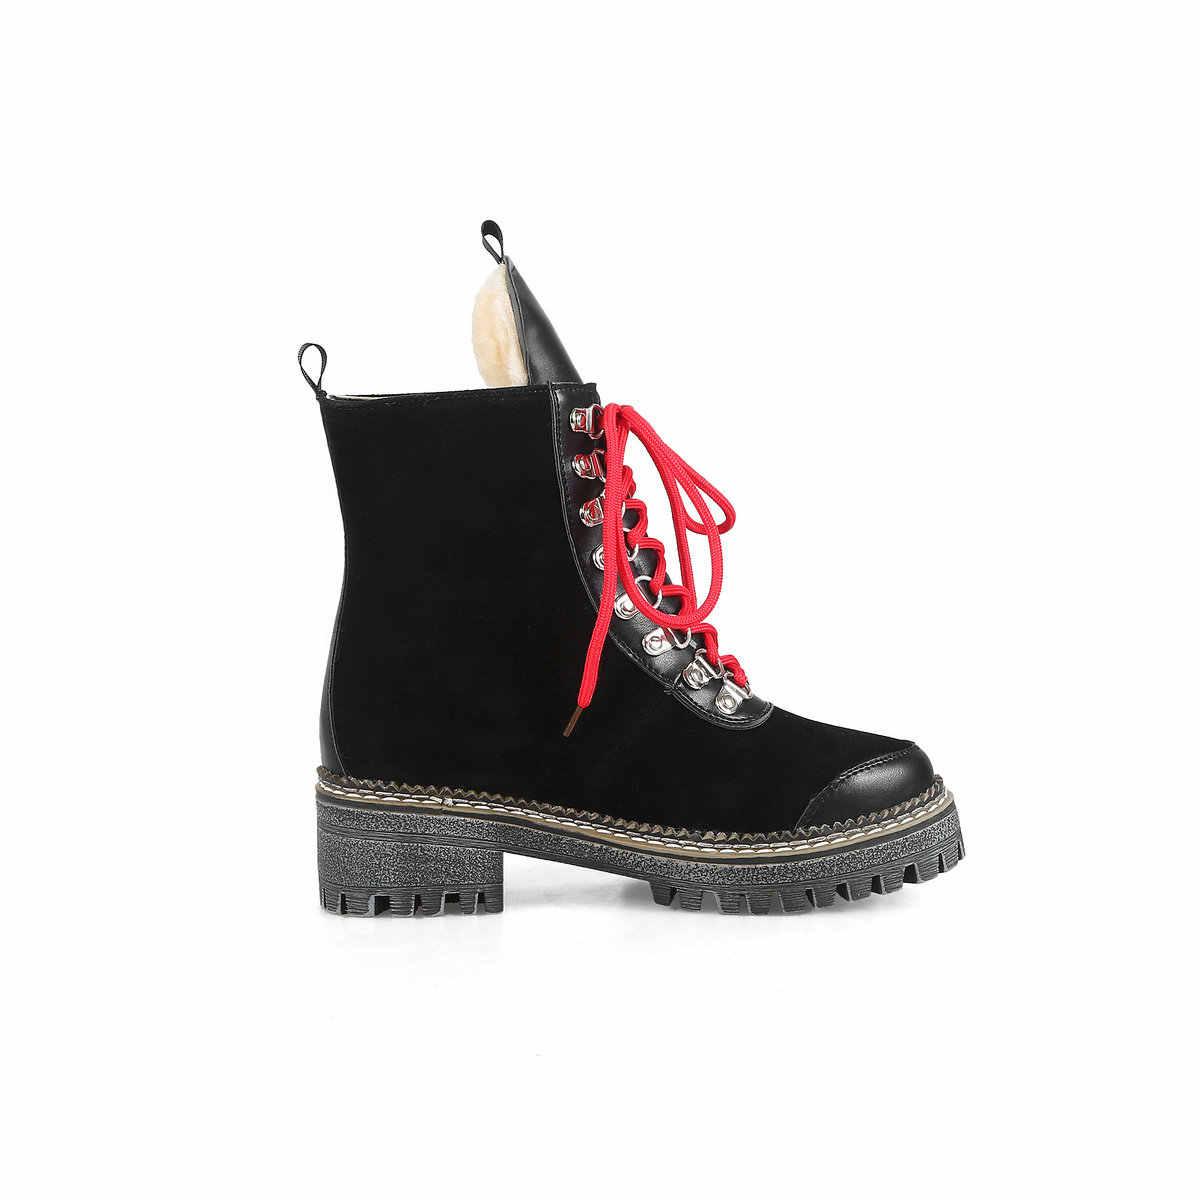 Bayan Botları Kalın Alçak Topuk Moda Patik Platformu Lace Up Güz Kış Bayanlar Ayakkabı Beyaz Siyah Sarı 2018 Yeni